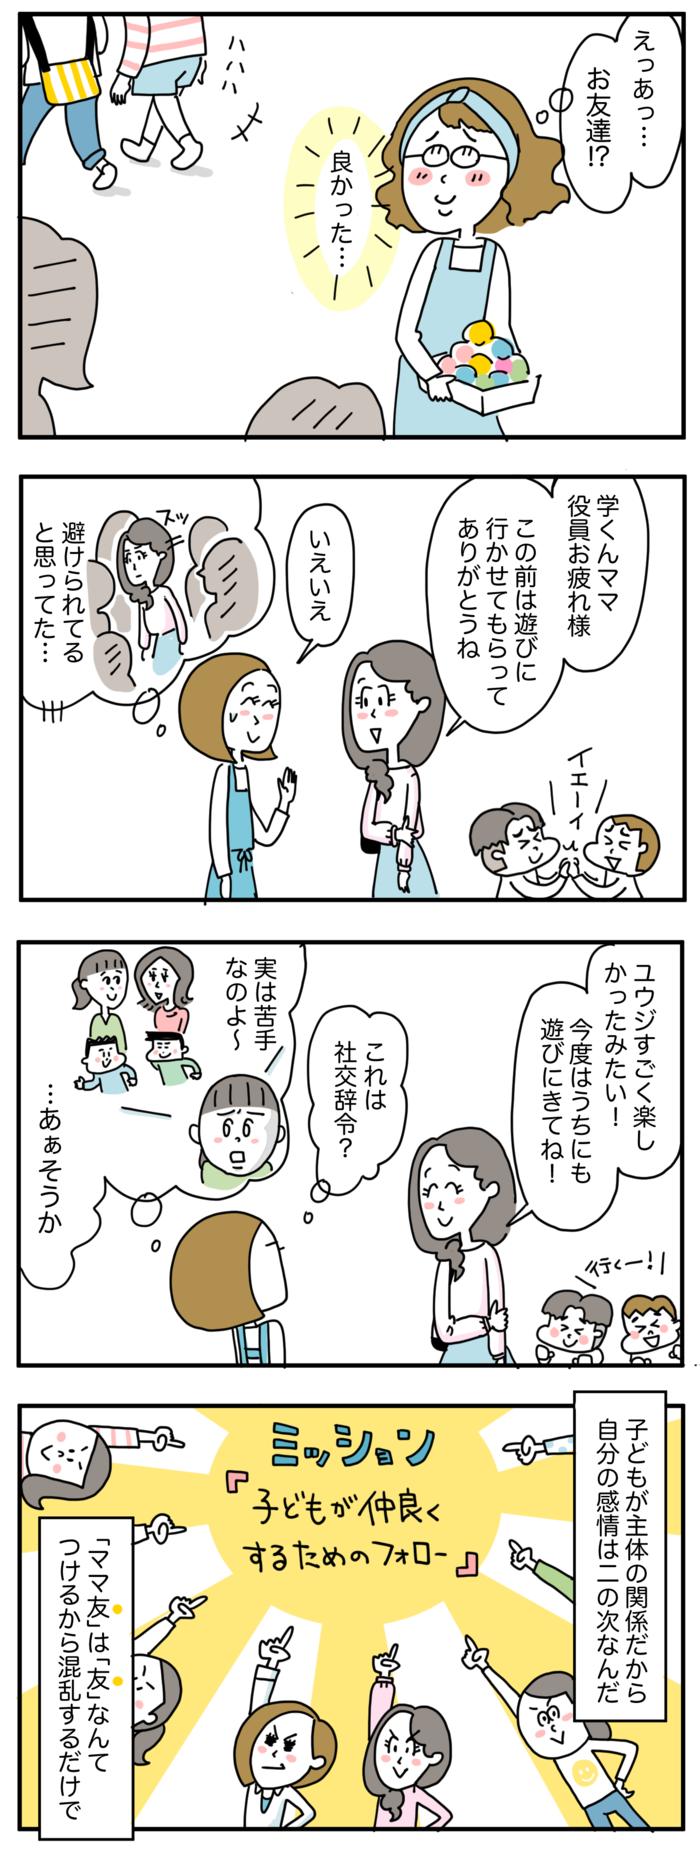 ママ友は「友」をつけるから混乱する。モヤモヤの先につかんだ距離感の画像5